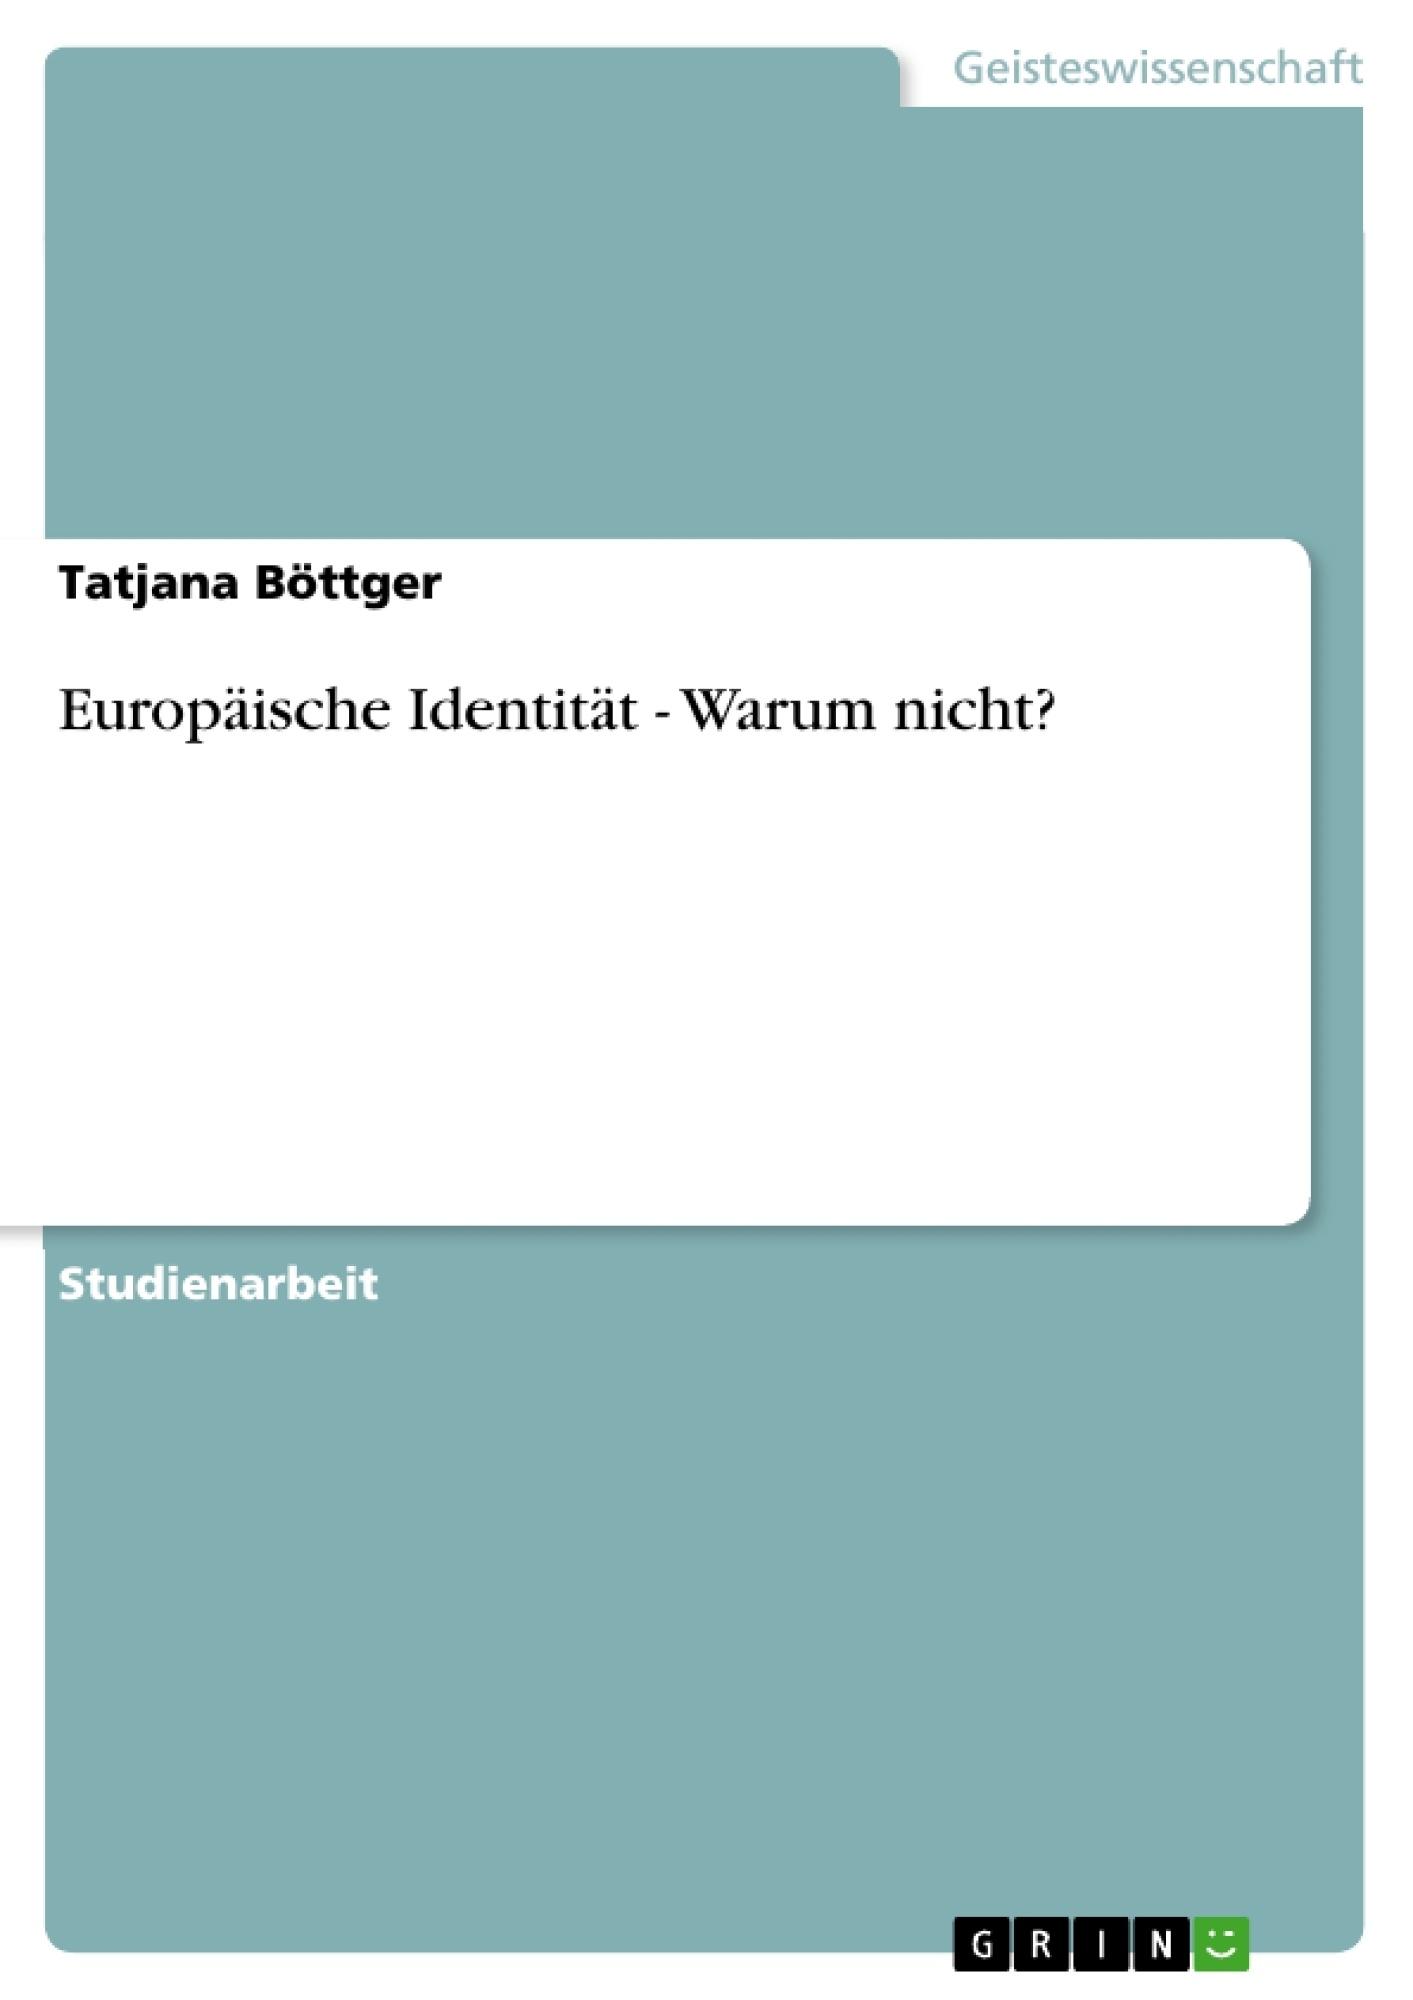 Titel: Europäische Identität - Warum nicht?